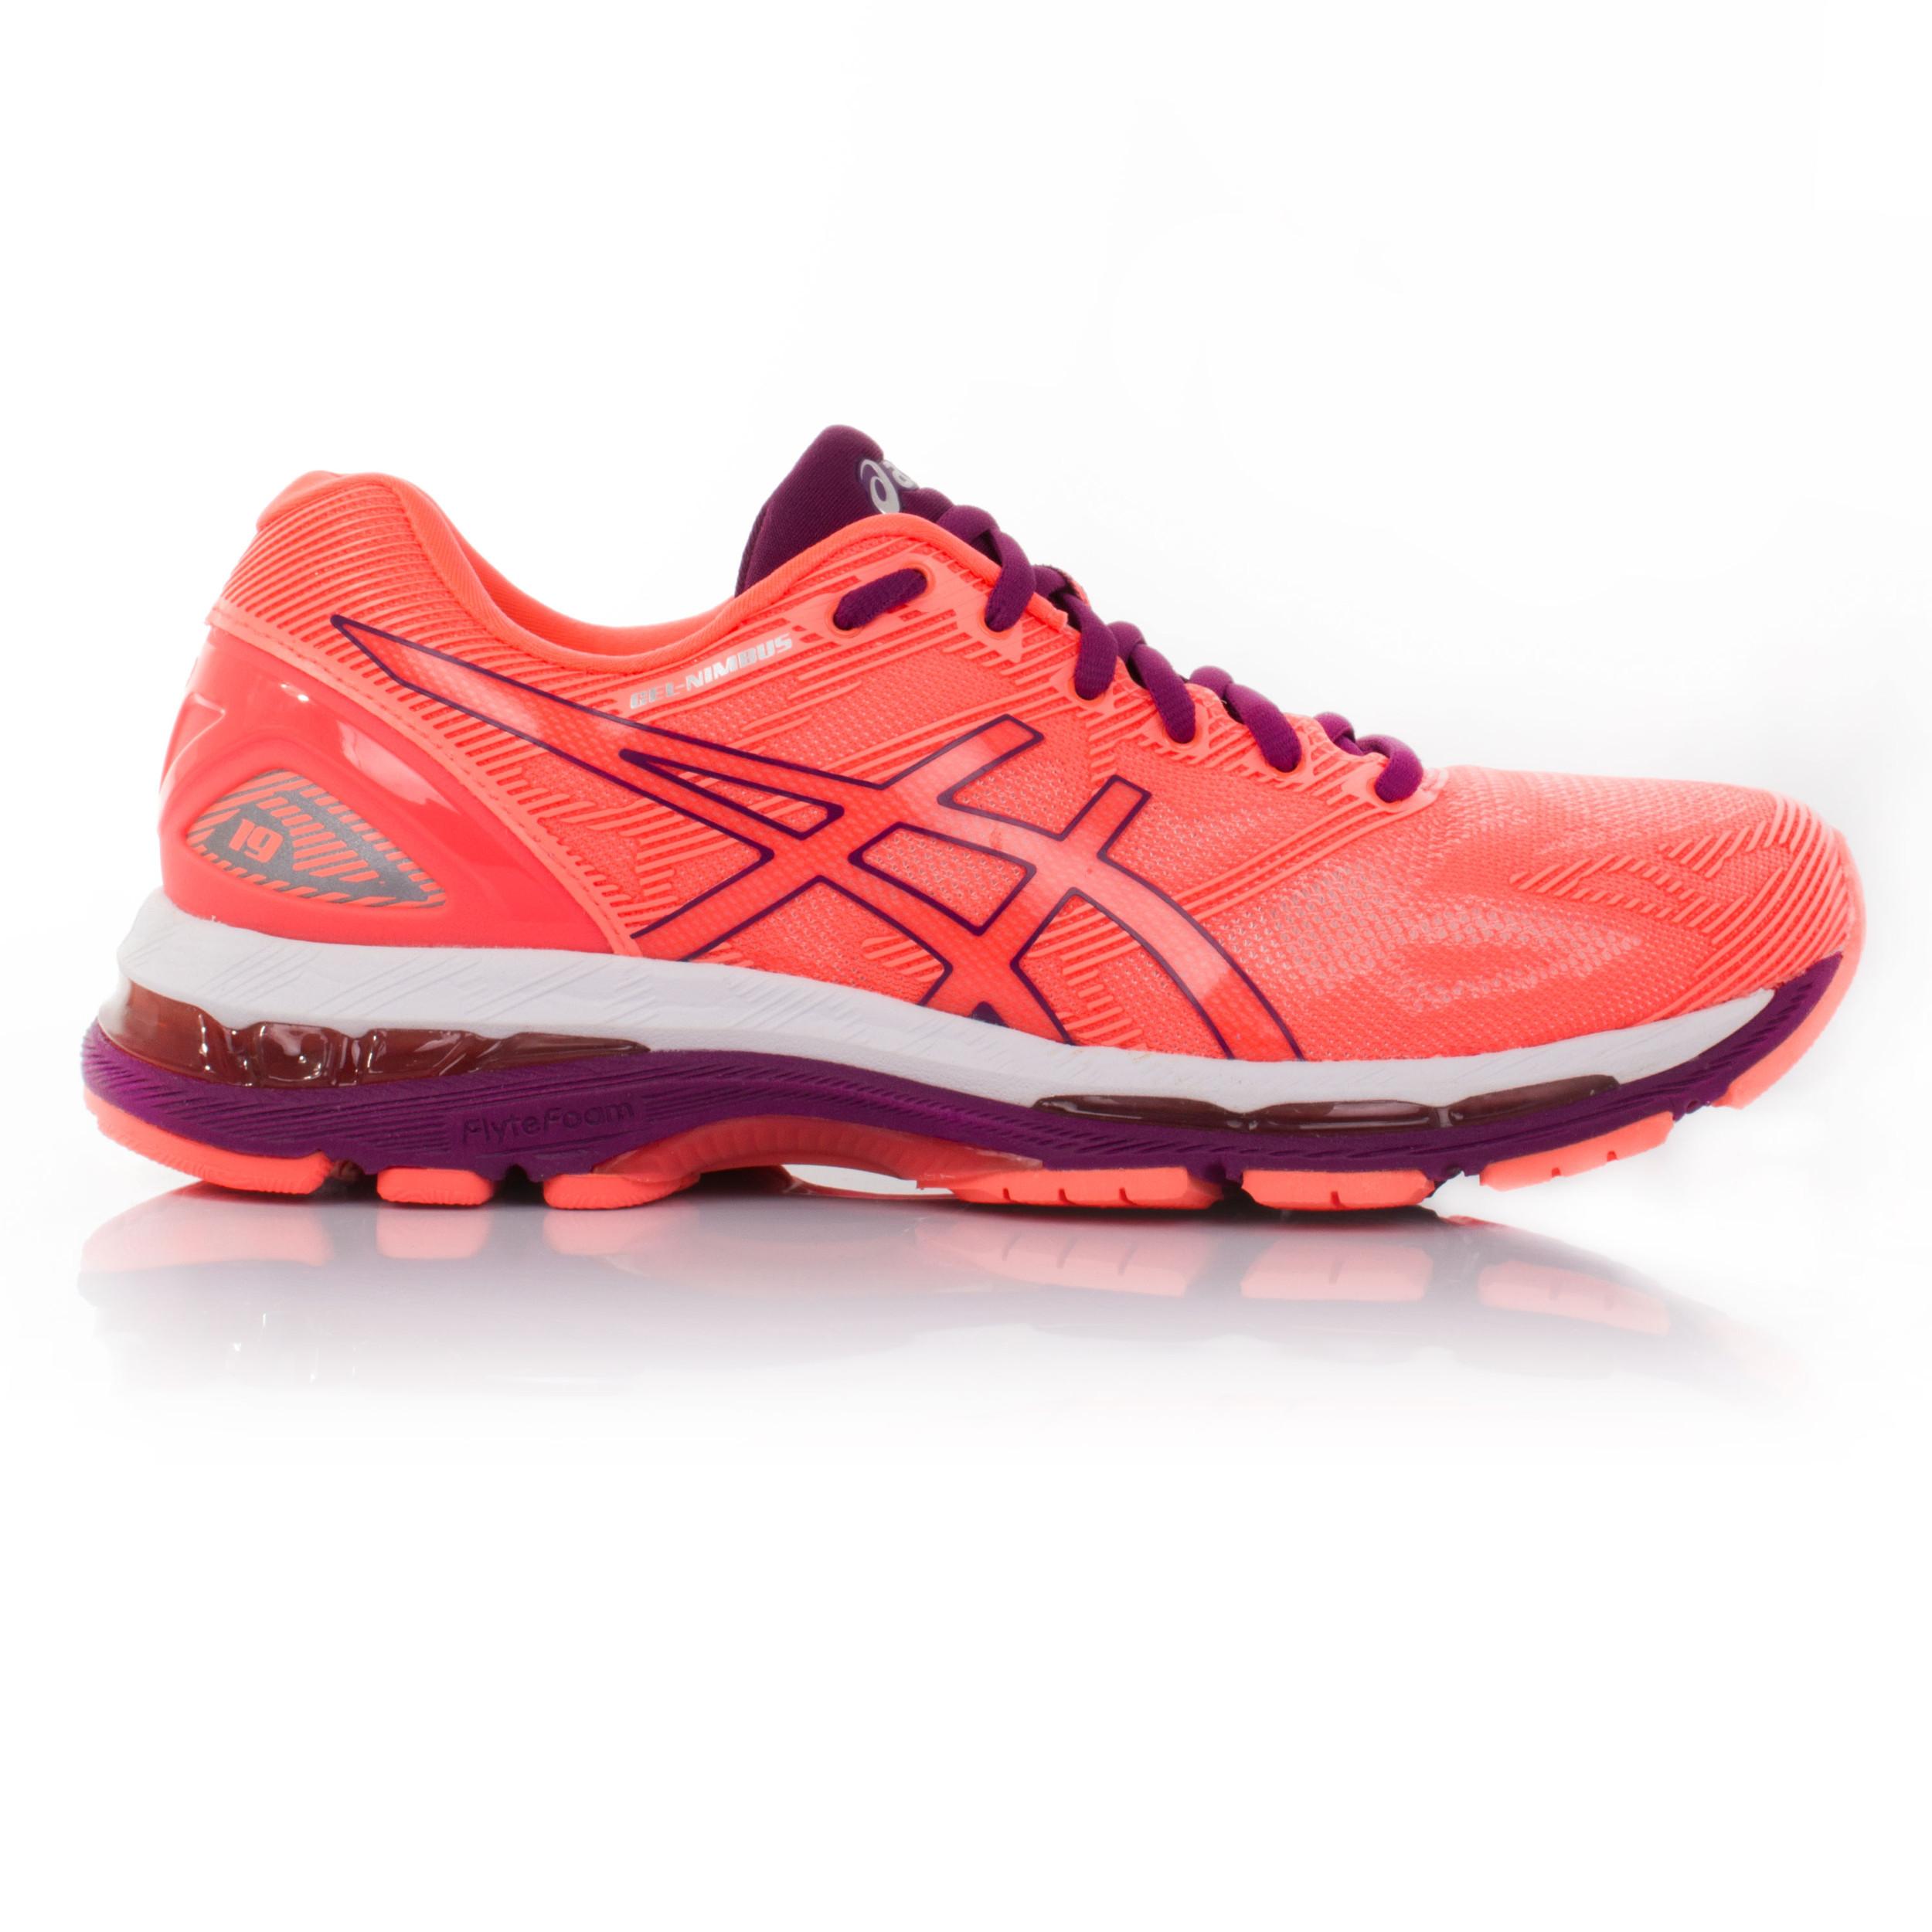 Détails sur Asics Gel Nimbus 19 Femme Orange Rose Matelassé Running Fitness Chaussures Baskets afficher le titre d'origine